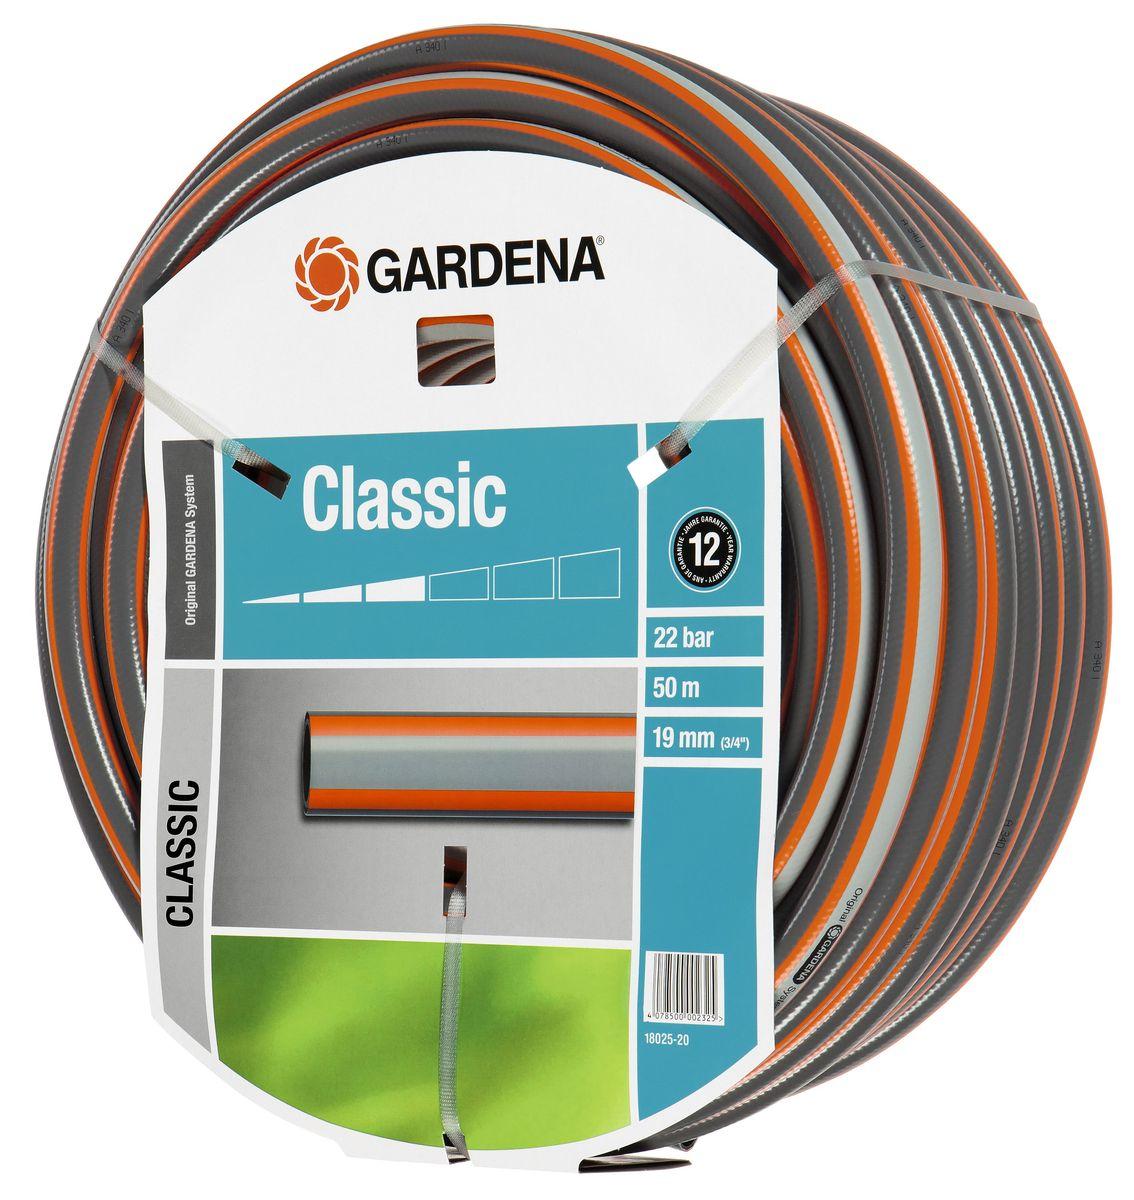 Шланг Gardena Classic, 19 мм (3/4) х 50 м18025-20.000.00Шланг Gardena Classic, прекрасно сохраняет свою форму благодаря высококачественному текстильному армированию, отсутствуют фталаты и тяжелые металлы, невосприимчив к УФ-излучению. Шланг не перегибается, не спутывается, не перекручивается, благодаря спиралевидному текстильному армированию, усиленному углеродными волокнами. Шланг Gardena Classic оптимально сочетается с компонентами базовой системы полива. Идеально подходит для умеренной интенсивности использования. Шланг Gardena Classic выполнен из высококачественного ПВХ и выдерживает давление до 22 бар. Толстые стенки шланга и высококачественные материалы обеспечивают длительный срок службы.